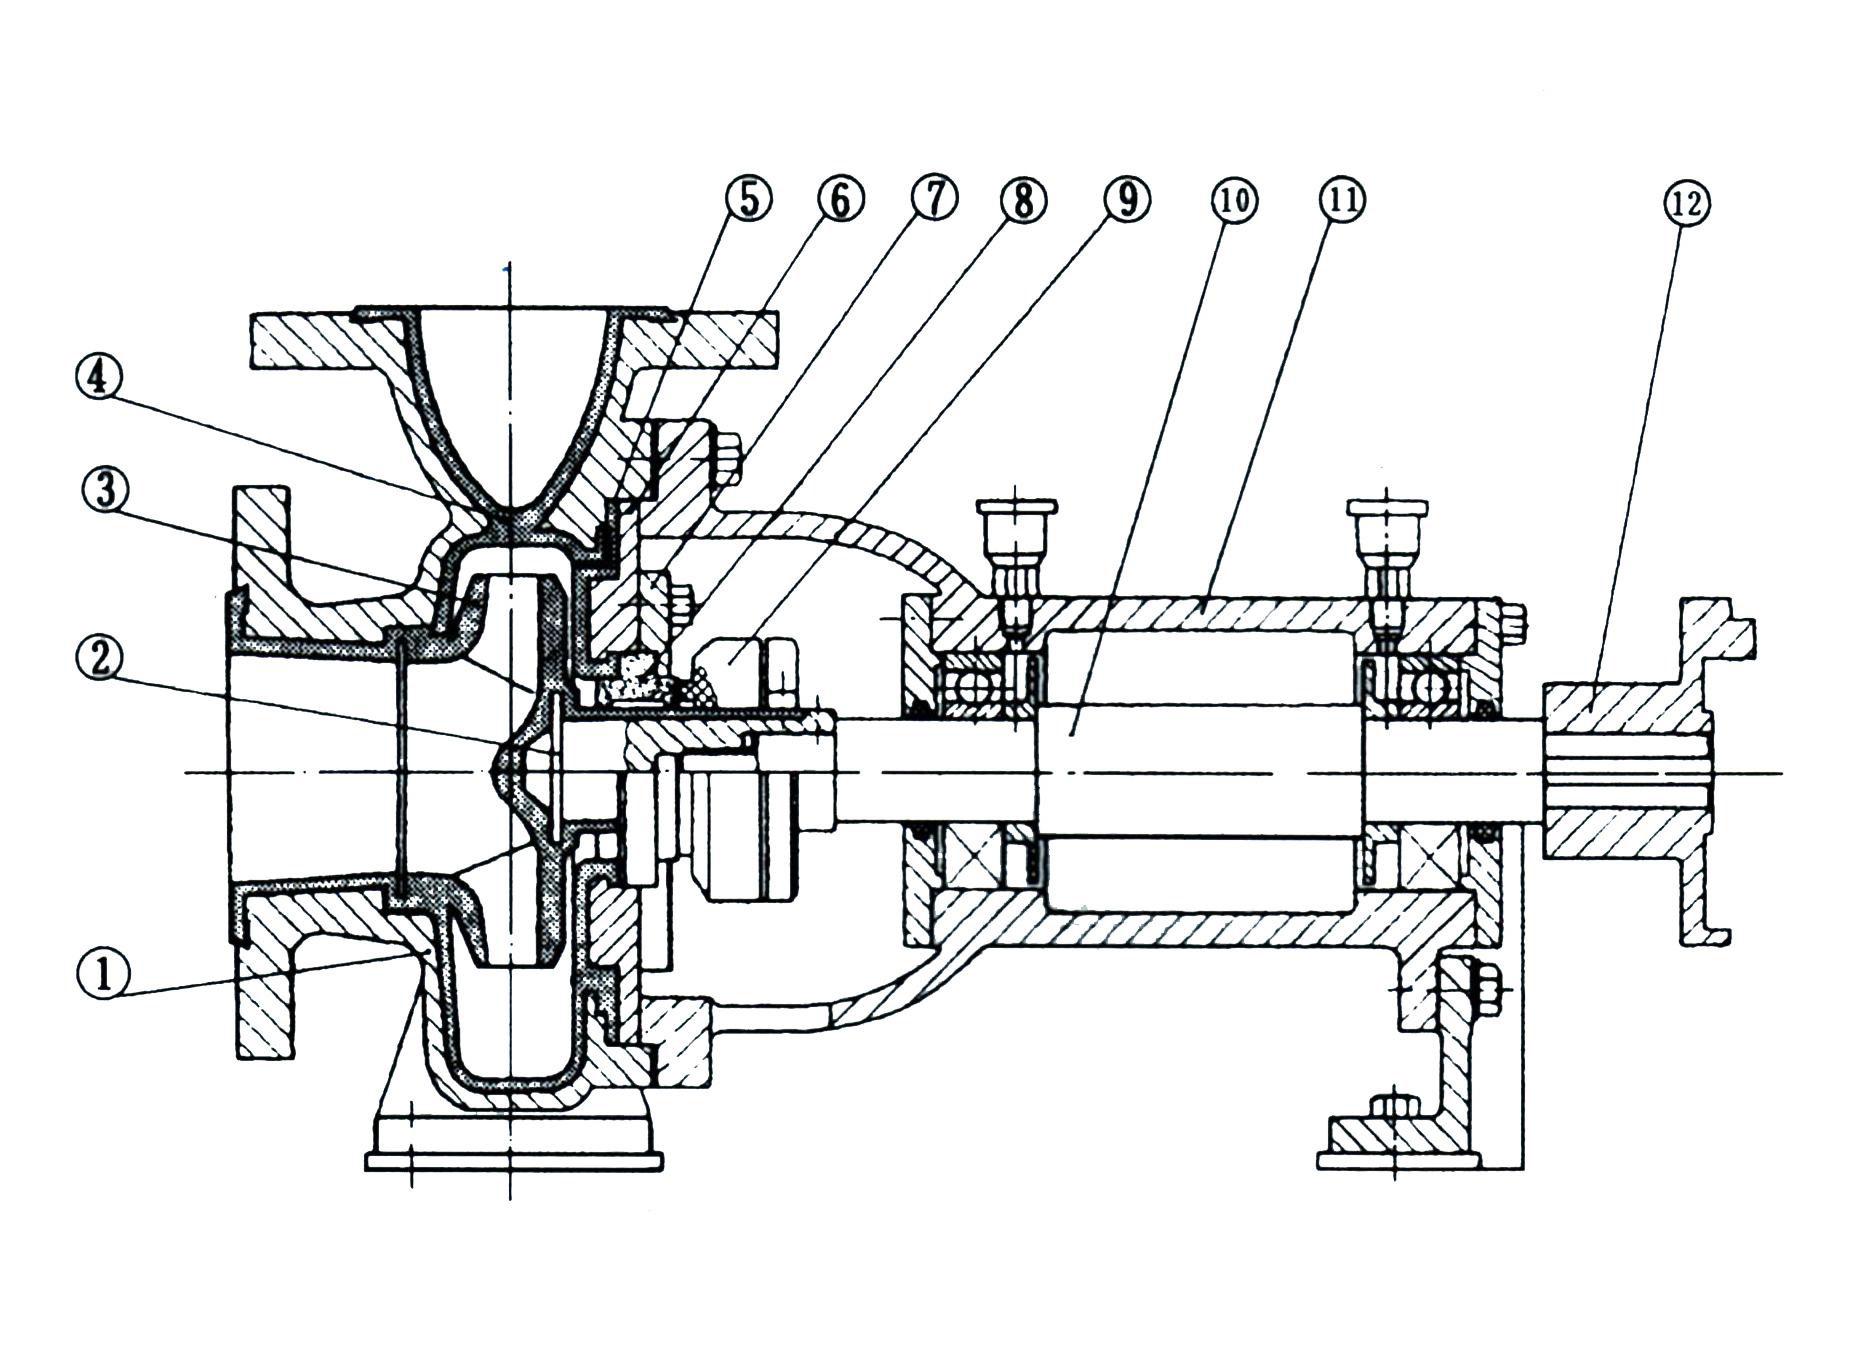 一、产品概述: IHF为单级单吸式氟塑料合金化工离心泵,该泵是按照国际标准并结合非金属泵的加工工艺设计生产。泵体采用金属外壳内衬聚全氟乙丙烯(F46),泵盖、叶轮和轴套均用金属嵌件外包氟塑料整体烧结压制成型,轴封采用四氟填充材料,进出口均采用铸钢体加固。 该泵具有耐腐、耐磨、耐高温、不老化、机械强度高、运转平稳、结构先进合理、密封性能严格可靠、拆卸检修方便、使用寿命长等优点,广泛适用于化工、制药、石油、冶金、冶炼、电力、电镀、染料、农药、造纸、食品、纺织等行业,在-85~200温度条件下长期输送任意浓度